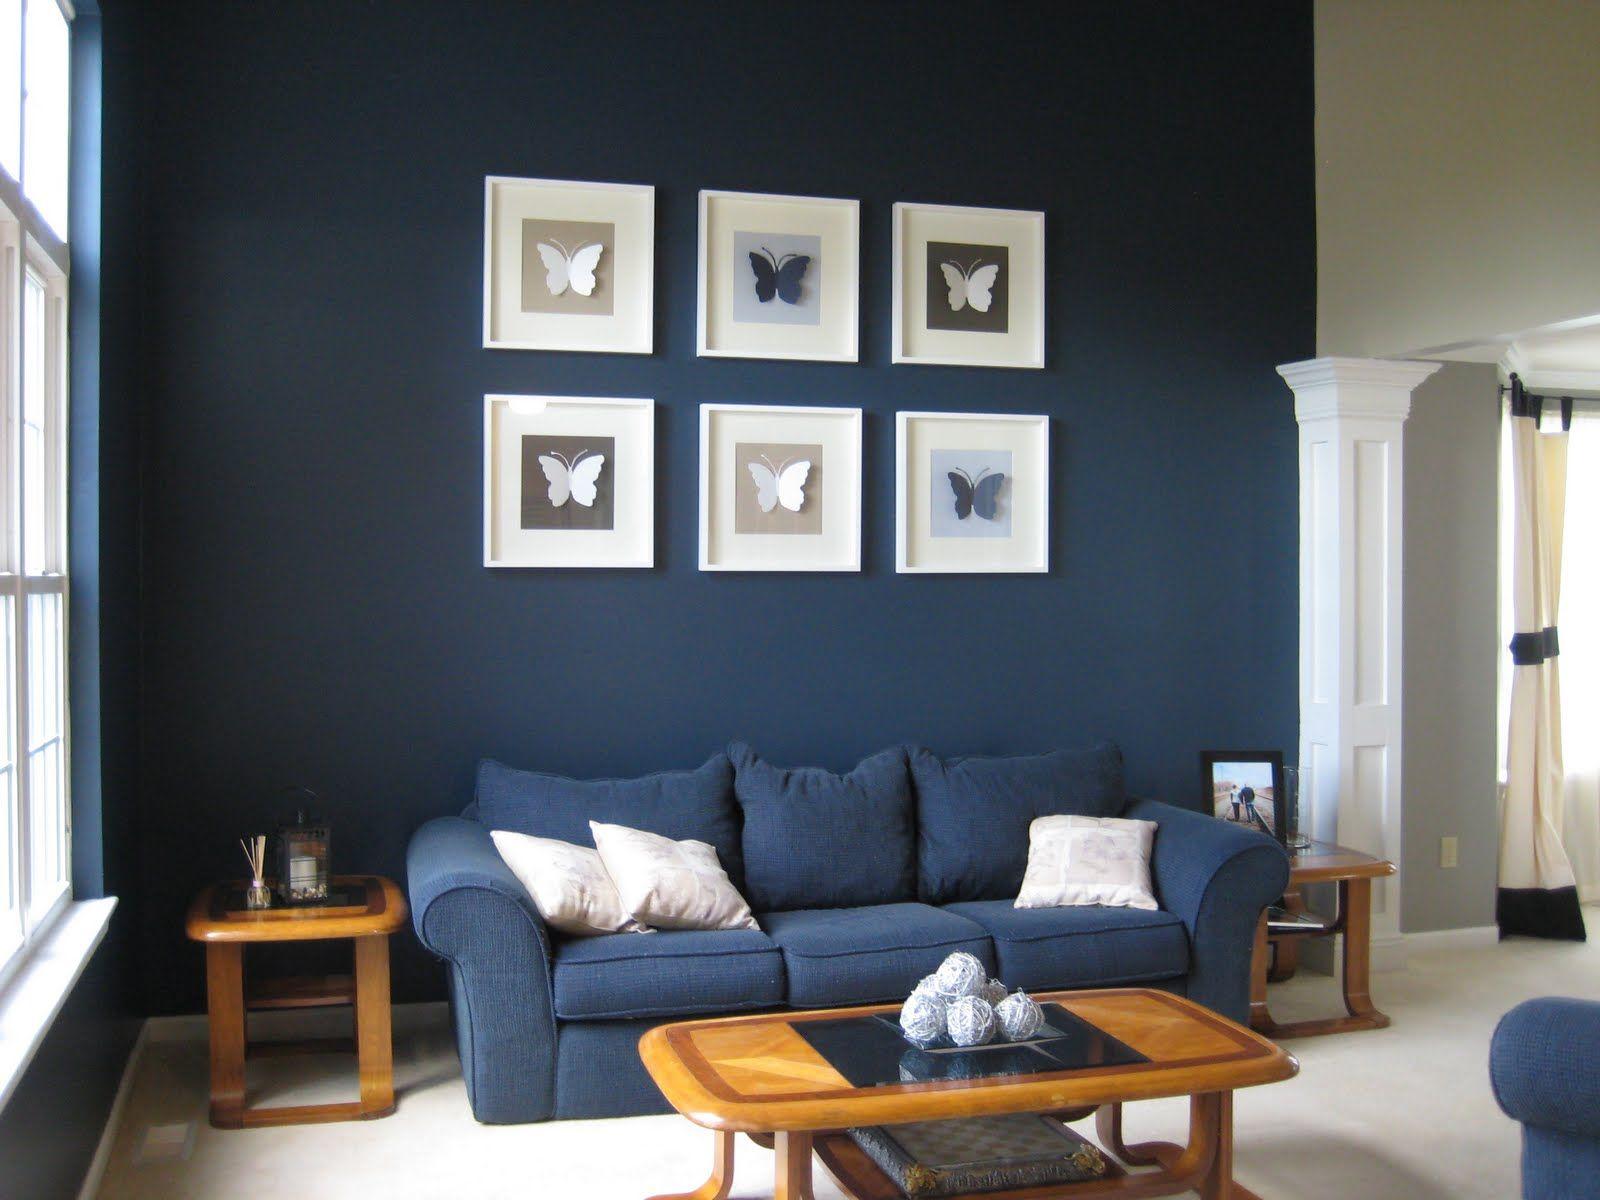 Painting Room With Hues Of Blue Con Imagenes Sala De Estar Azul Colores Para Sala Comedor Interiores De Casa